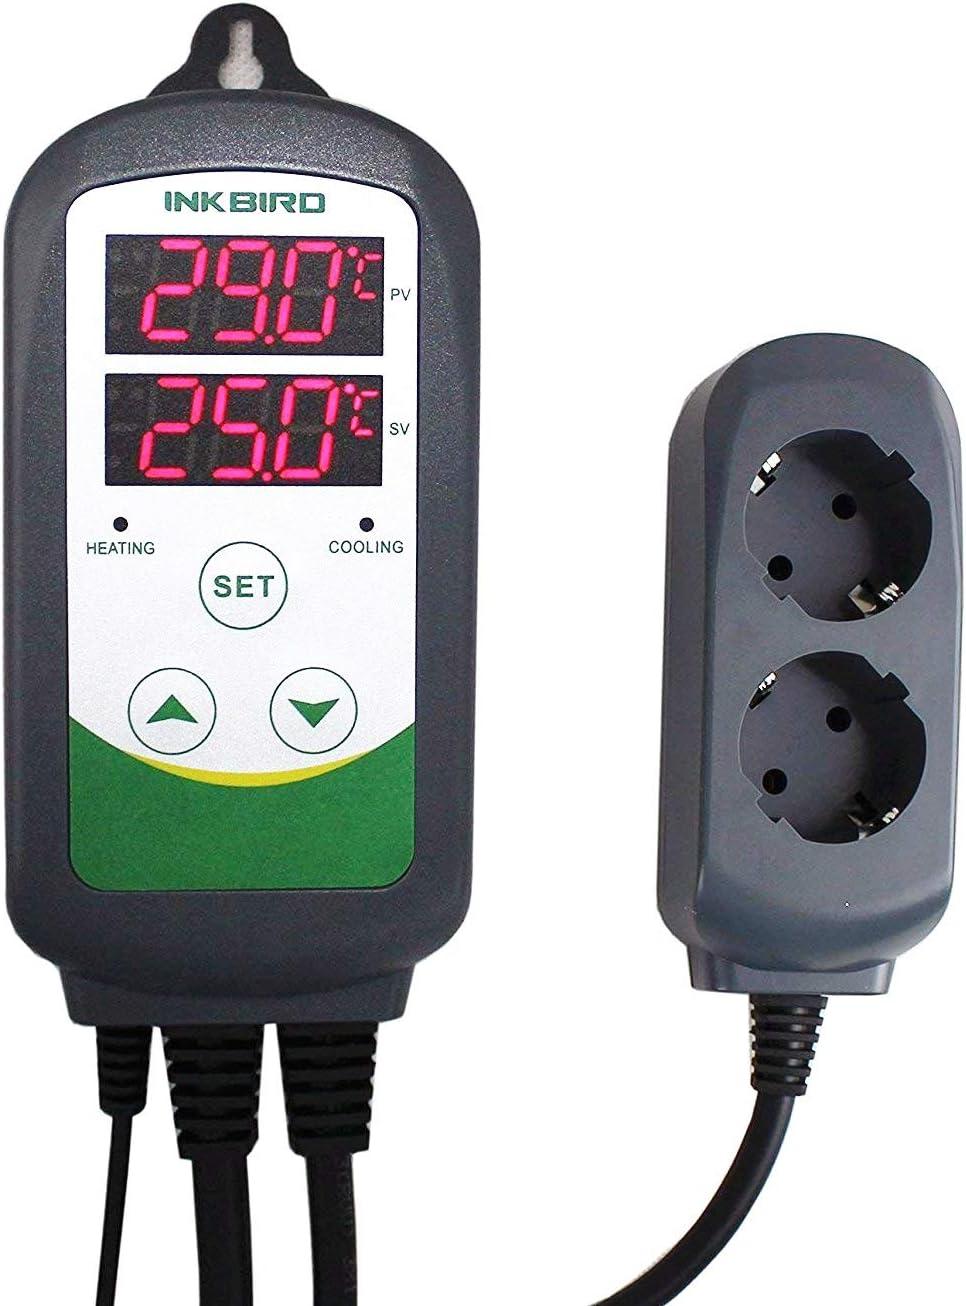 Inkbird ITC-308 Doble Rele 220v Digital Termostato con Sonda, Controlador de Temperatura Refrigeración y Calefaccion Regulador para Calentador Acuario y Peceras, Bomba de Agua, Terrario Incubadoras Re